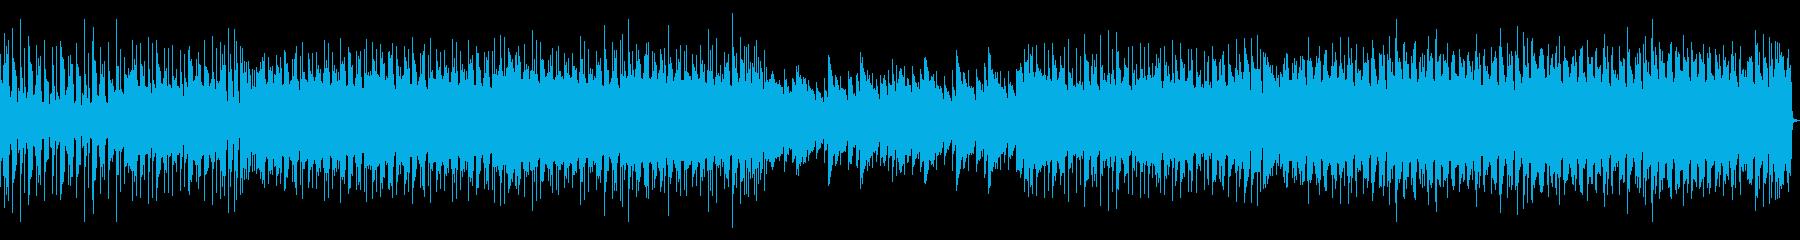 きらびやかなハウス_No656_1の再生済みの波形